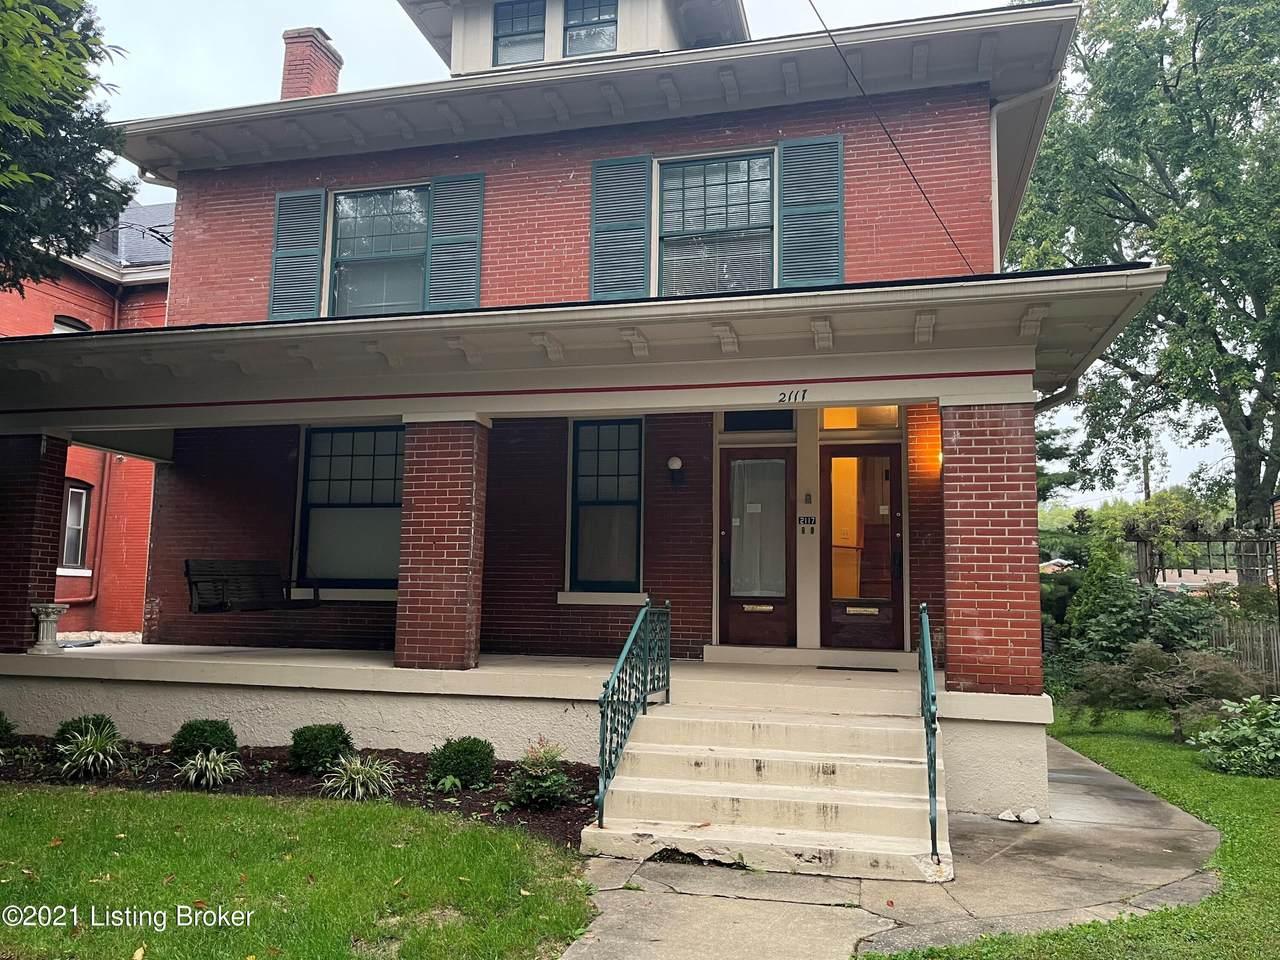 2117 Highland Ave - Photo 1